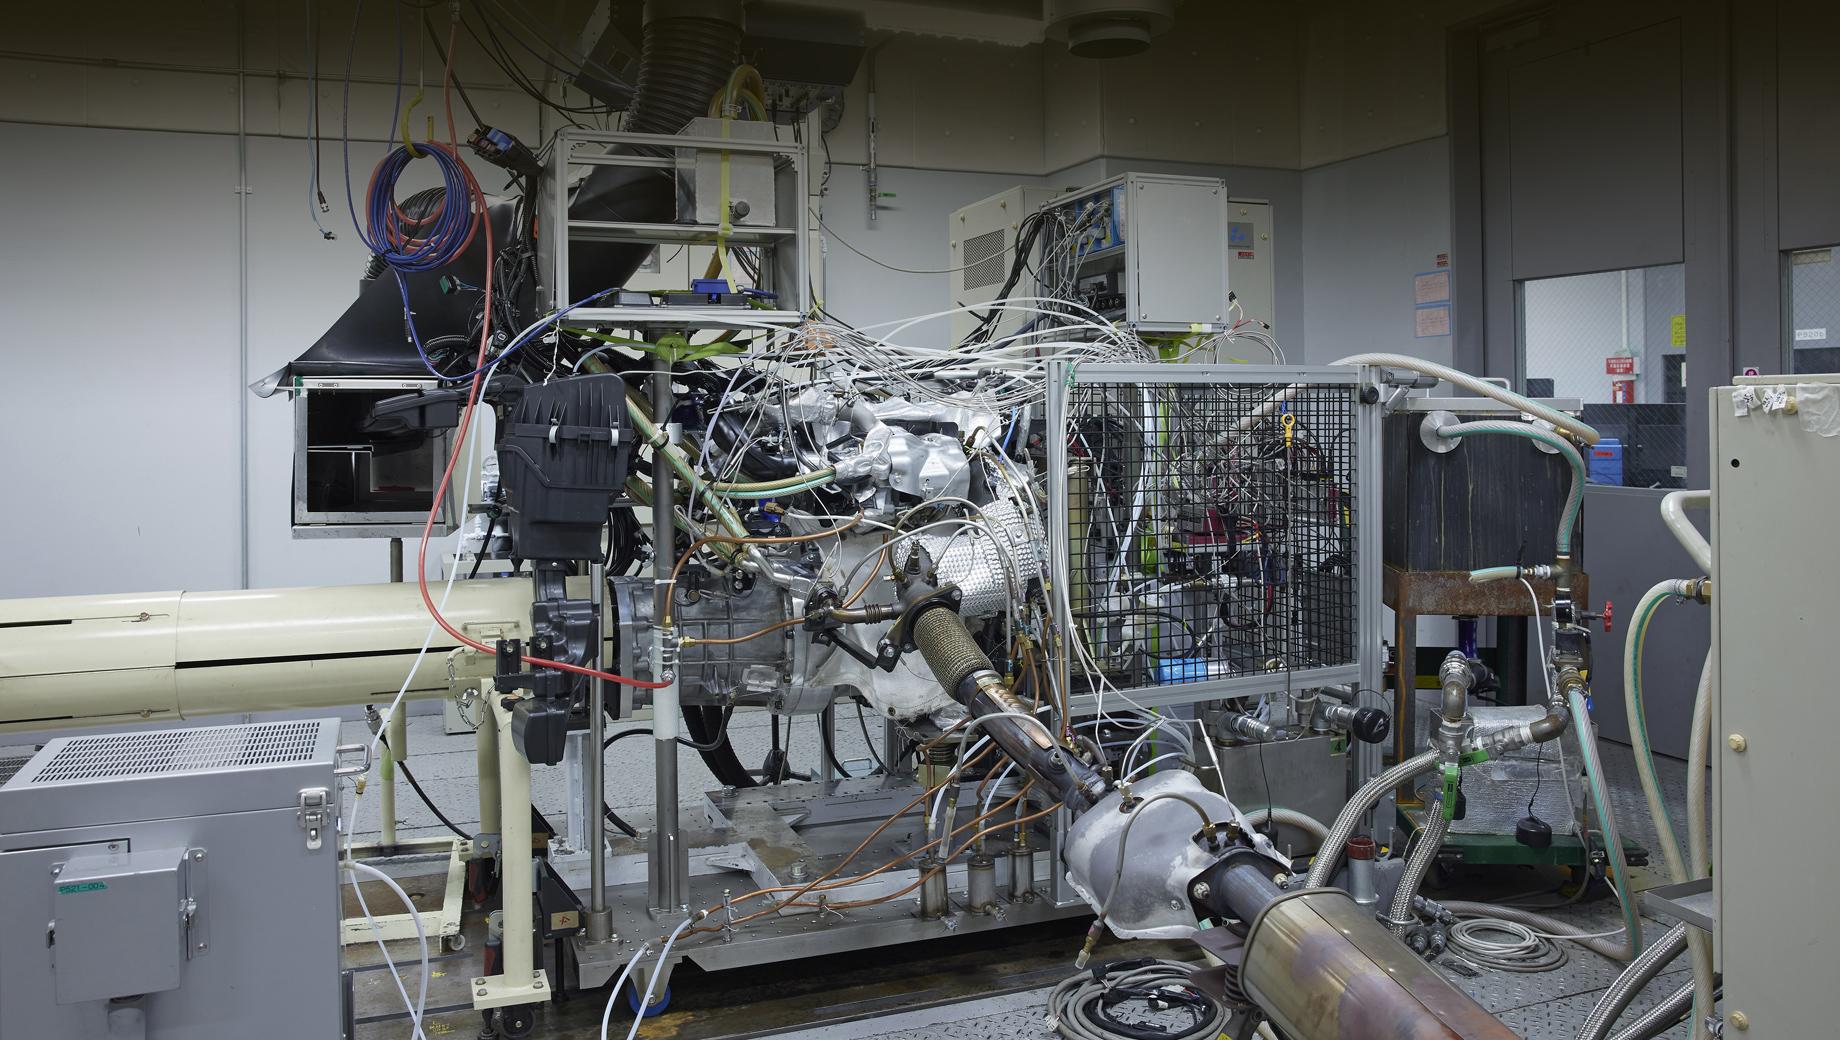 Мотор Nissan STARC показал рекордный тепловой КПД